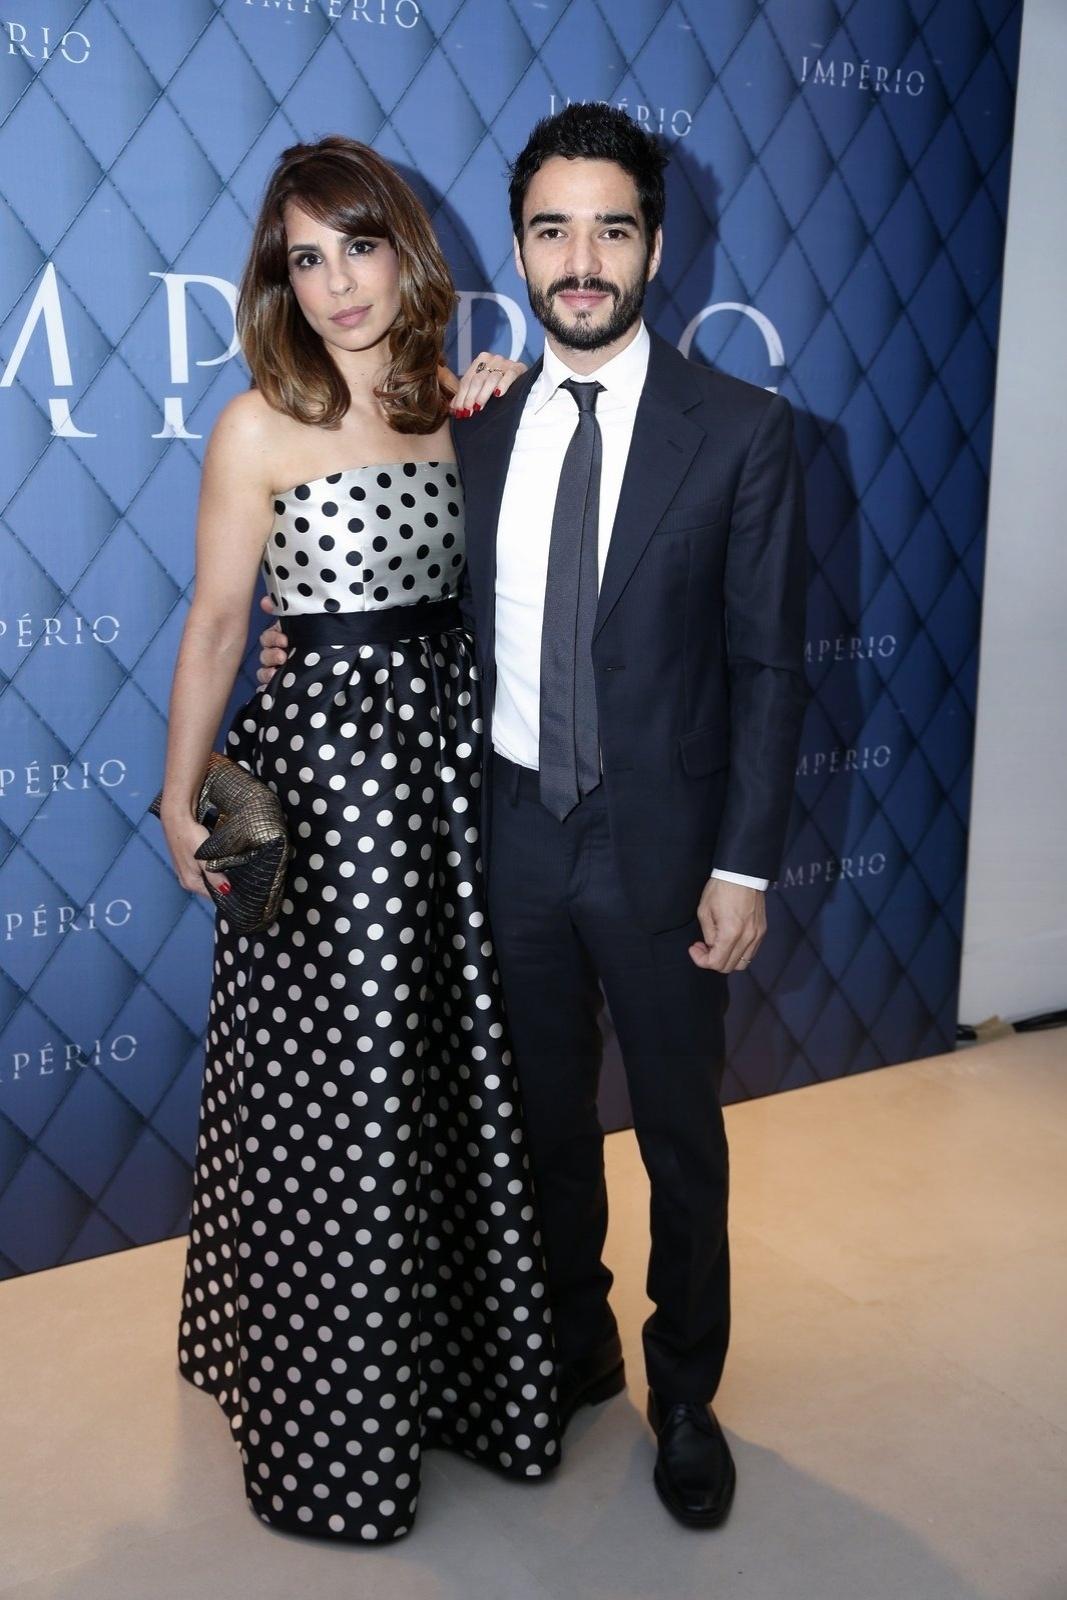 19.jul.2014 - Caio Blat e Maria Ribeiro prestigiaram a festa de lançamento da novela